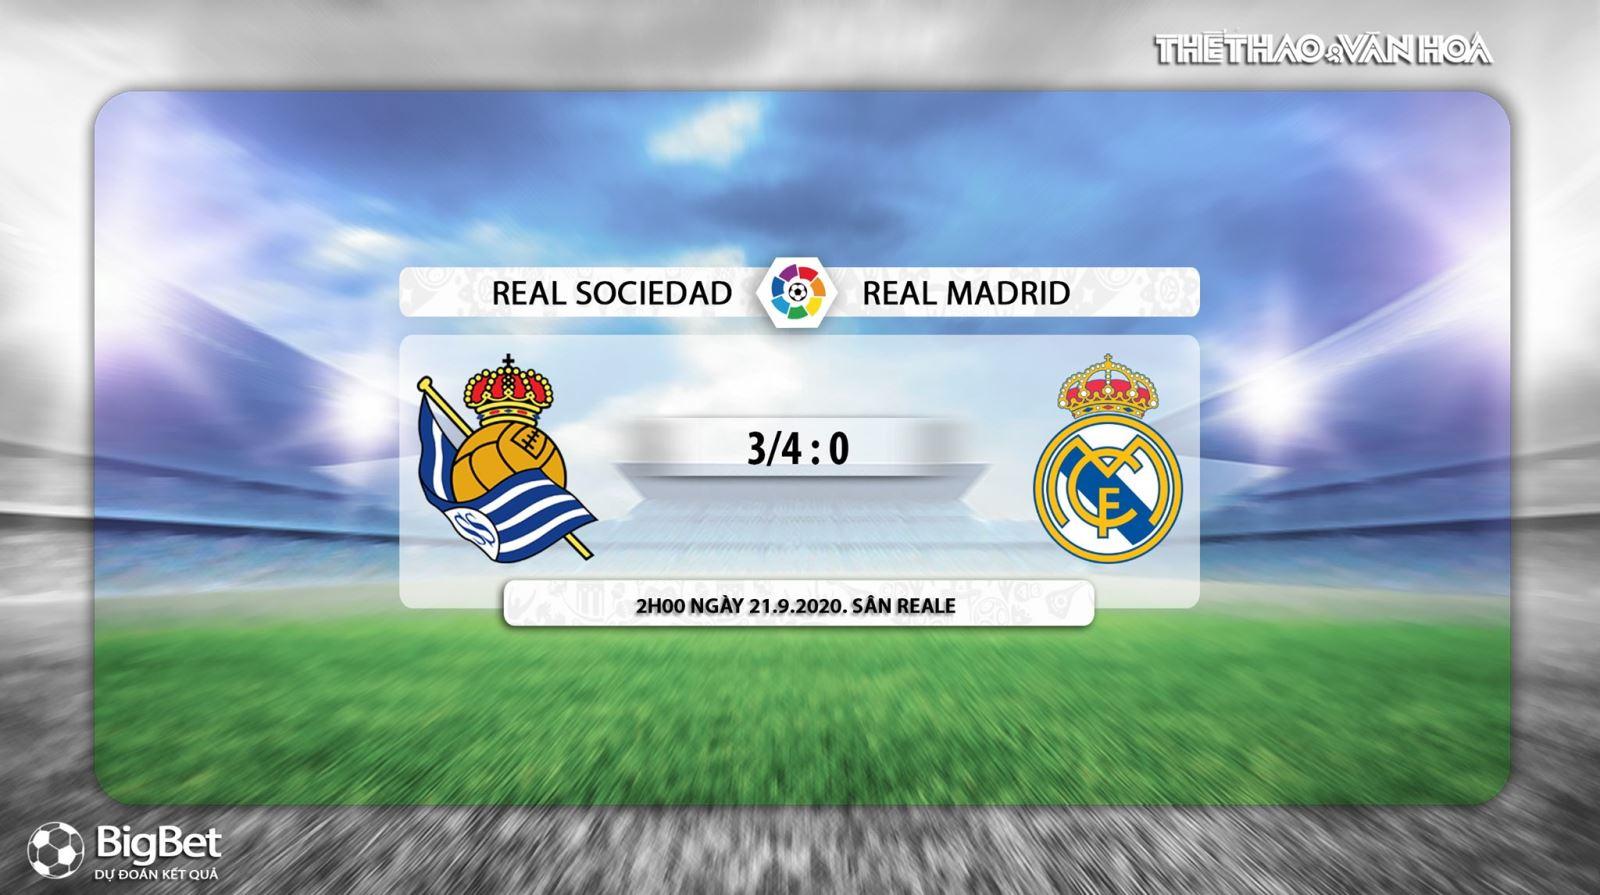 Real Sociedad vs Real Madrid, Real Sociedad, Real Madrid, soi kèo, kèo bóng đá, nhận định Real Sociedad vs Real Madrid, soi kèo bóng đá